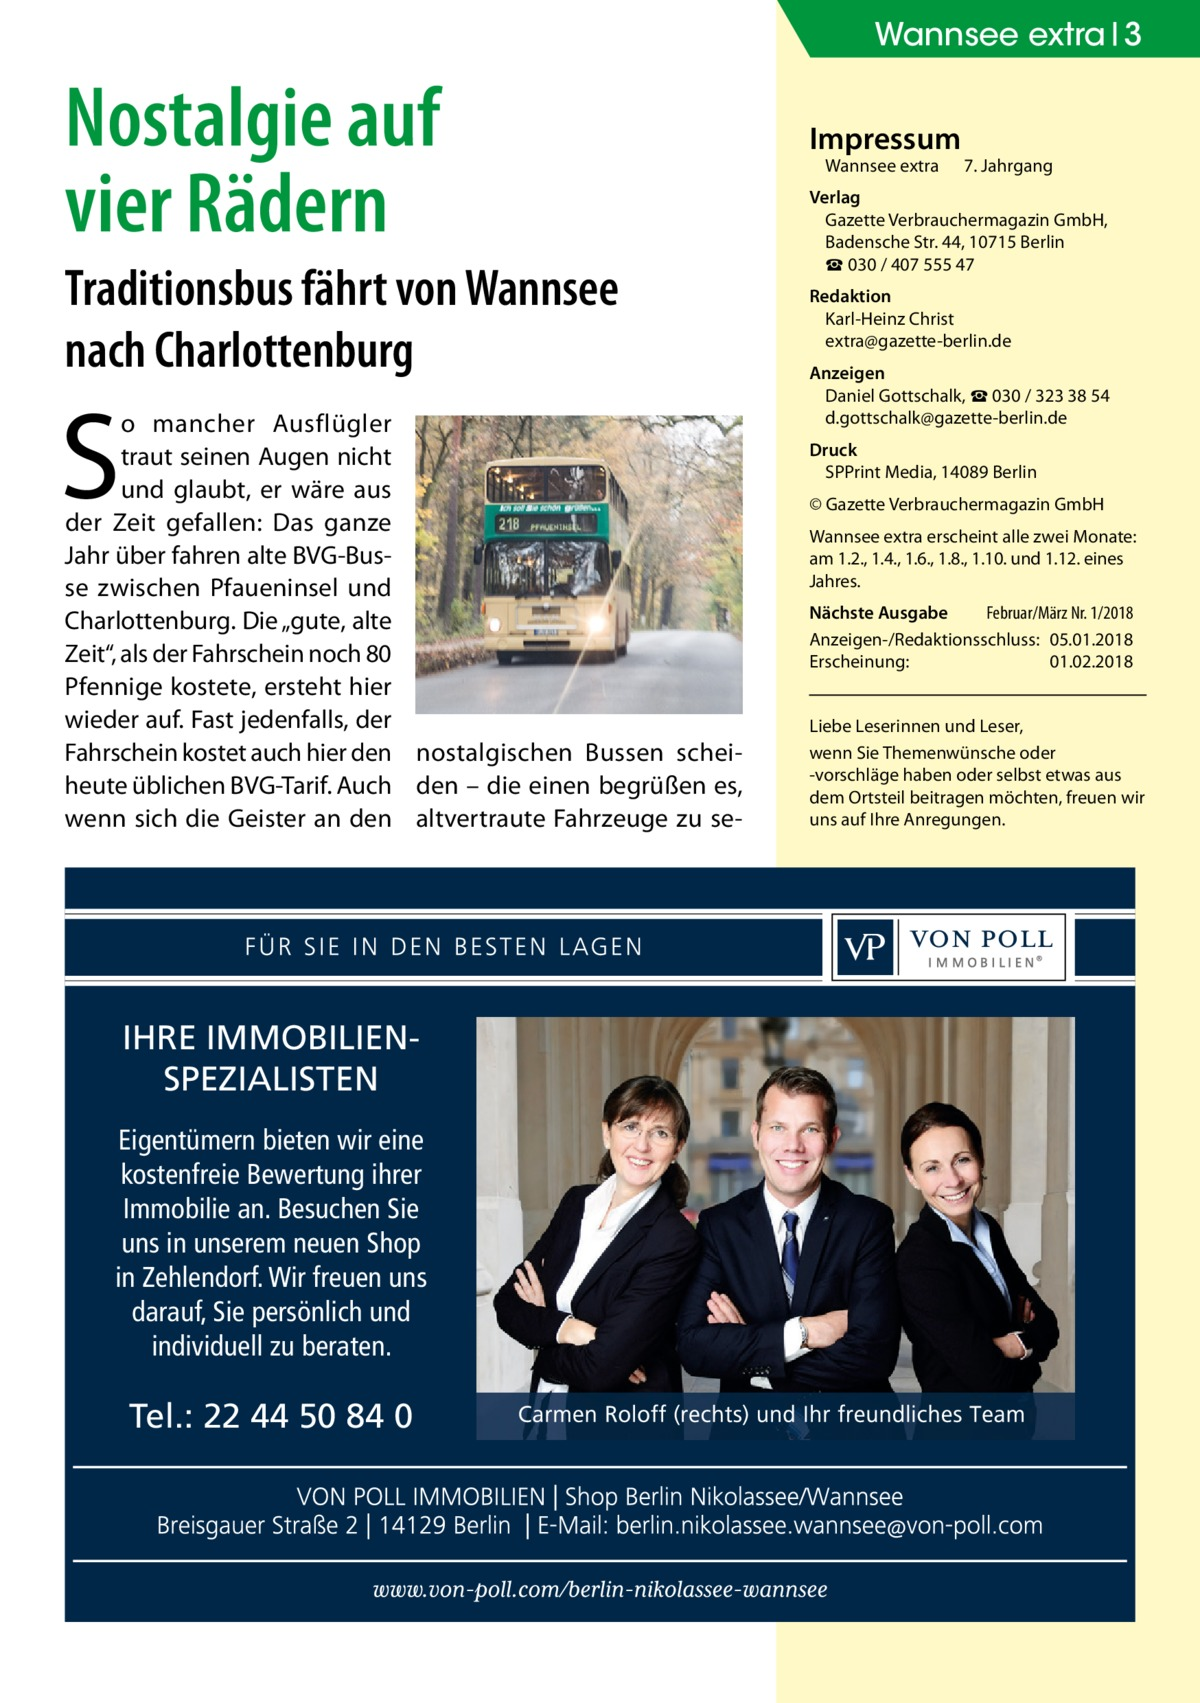 """Wannsee extra 3  Nostalgie auf vier Rädern Traditionsbus fährt von Wannsee nach Charlottenburg  S  o mancher Ausflügler traut seinen Augen nicht und glaubt, er wäre aus der Zeit gefallen: Das ganze Jahr über fahren alte BVG-Busse zwischen Pfaueninsel und Charlottenburg. Die """"gute, alte Zeit"""", als der Fahrschein noch 80 Pfennige kostete, ersteht hier wieder auf. Fast jedenfalls, der Fahrschein kostet auch hier den nostalgischen Bussen scheiheute üblichen BVG-Tarif. Auch den – die einen begrüßen es, wenn sich die Geister an den altvertraute Fahrzeuge zu se IHRE IMMOBILIENSPEZIALISTEN Eigentümern bieten wir eine kostenfreie Bewertung ihrer Immobilie an. Besuchen Sie uns in unserem neuen Shop in Zehlendorf. Wir freuen uns darauf, Sie persönlich und individuell zu beraten.  Tel.: 22 44 50 84 0  Impressum Wannsee extra  7. Jahrgang  Verlag Gazette Verbrauchermagazin GmbH, BadenscheStr.44, 10715Berlin ☎ 030 / 407 555 47 Redaktion Karl-Heinz Christ extra@gazette-berlin.de Anzeigen Daniel Gottschalk, ☎ 030 / 323 38 54 d.gottschalk@gazette-berlin.de Druck SPPrint Media, 14089Berlin © Gazette Verbrauchermagazin GmbH Wannsee extra erscheint alle zwei Monate: am 1.2., 1.4., 1.6., 1.8., 1.10. und 1.12. eines Jahres. Nächste Ausgabe  Februar/März Nr. 1/2018 Anzeigen-/Redaktionsschluss:05.01.2018 Erscheinung:01.02.2018 Liebe Leserinnen und Leser, wenn Sie Themenwünsche oder -vorschläge haben oder selbst etwas aus dem Ortsteil beitragen möchten, freuen wir uns auf Ihre Anregungen."""